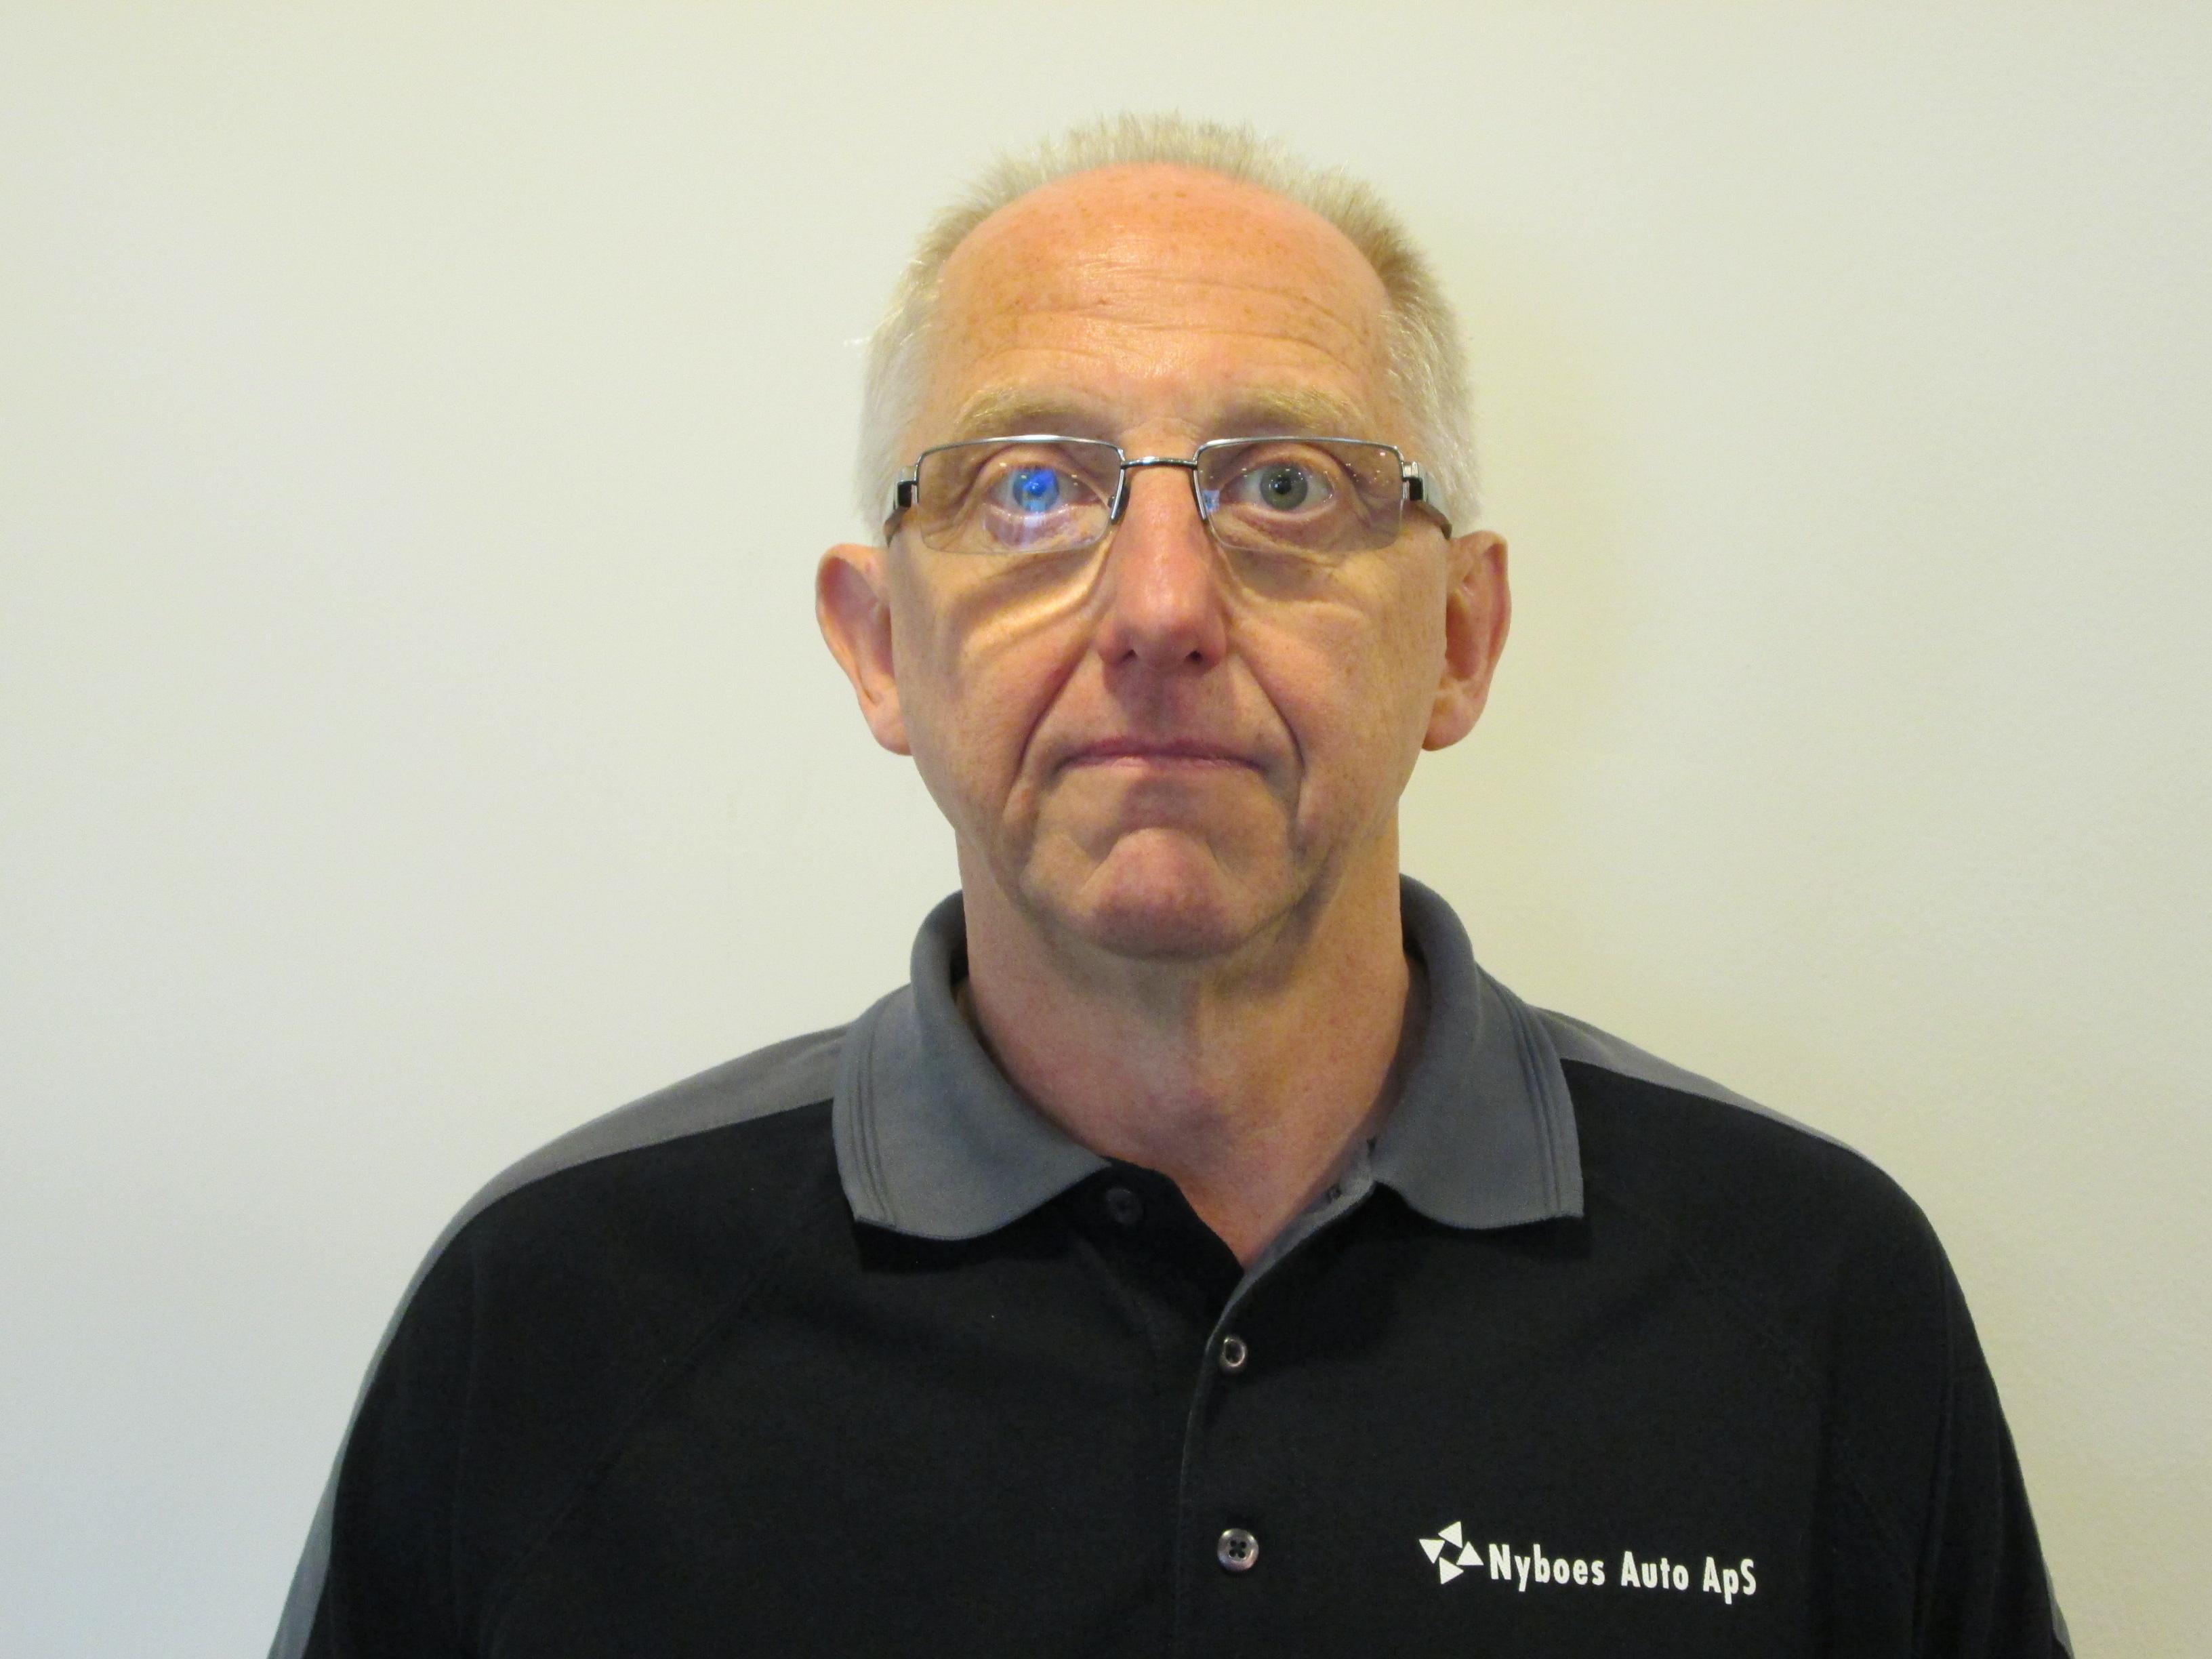 Niels Ole Blem